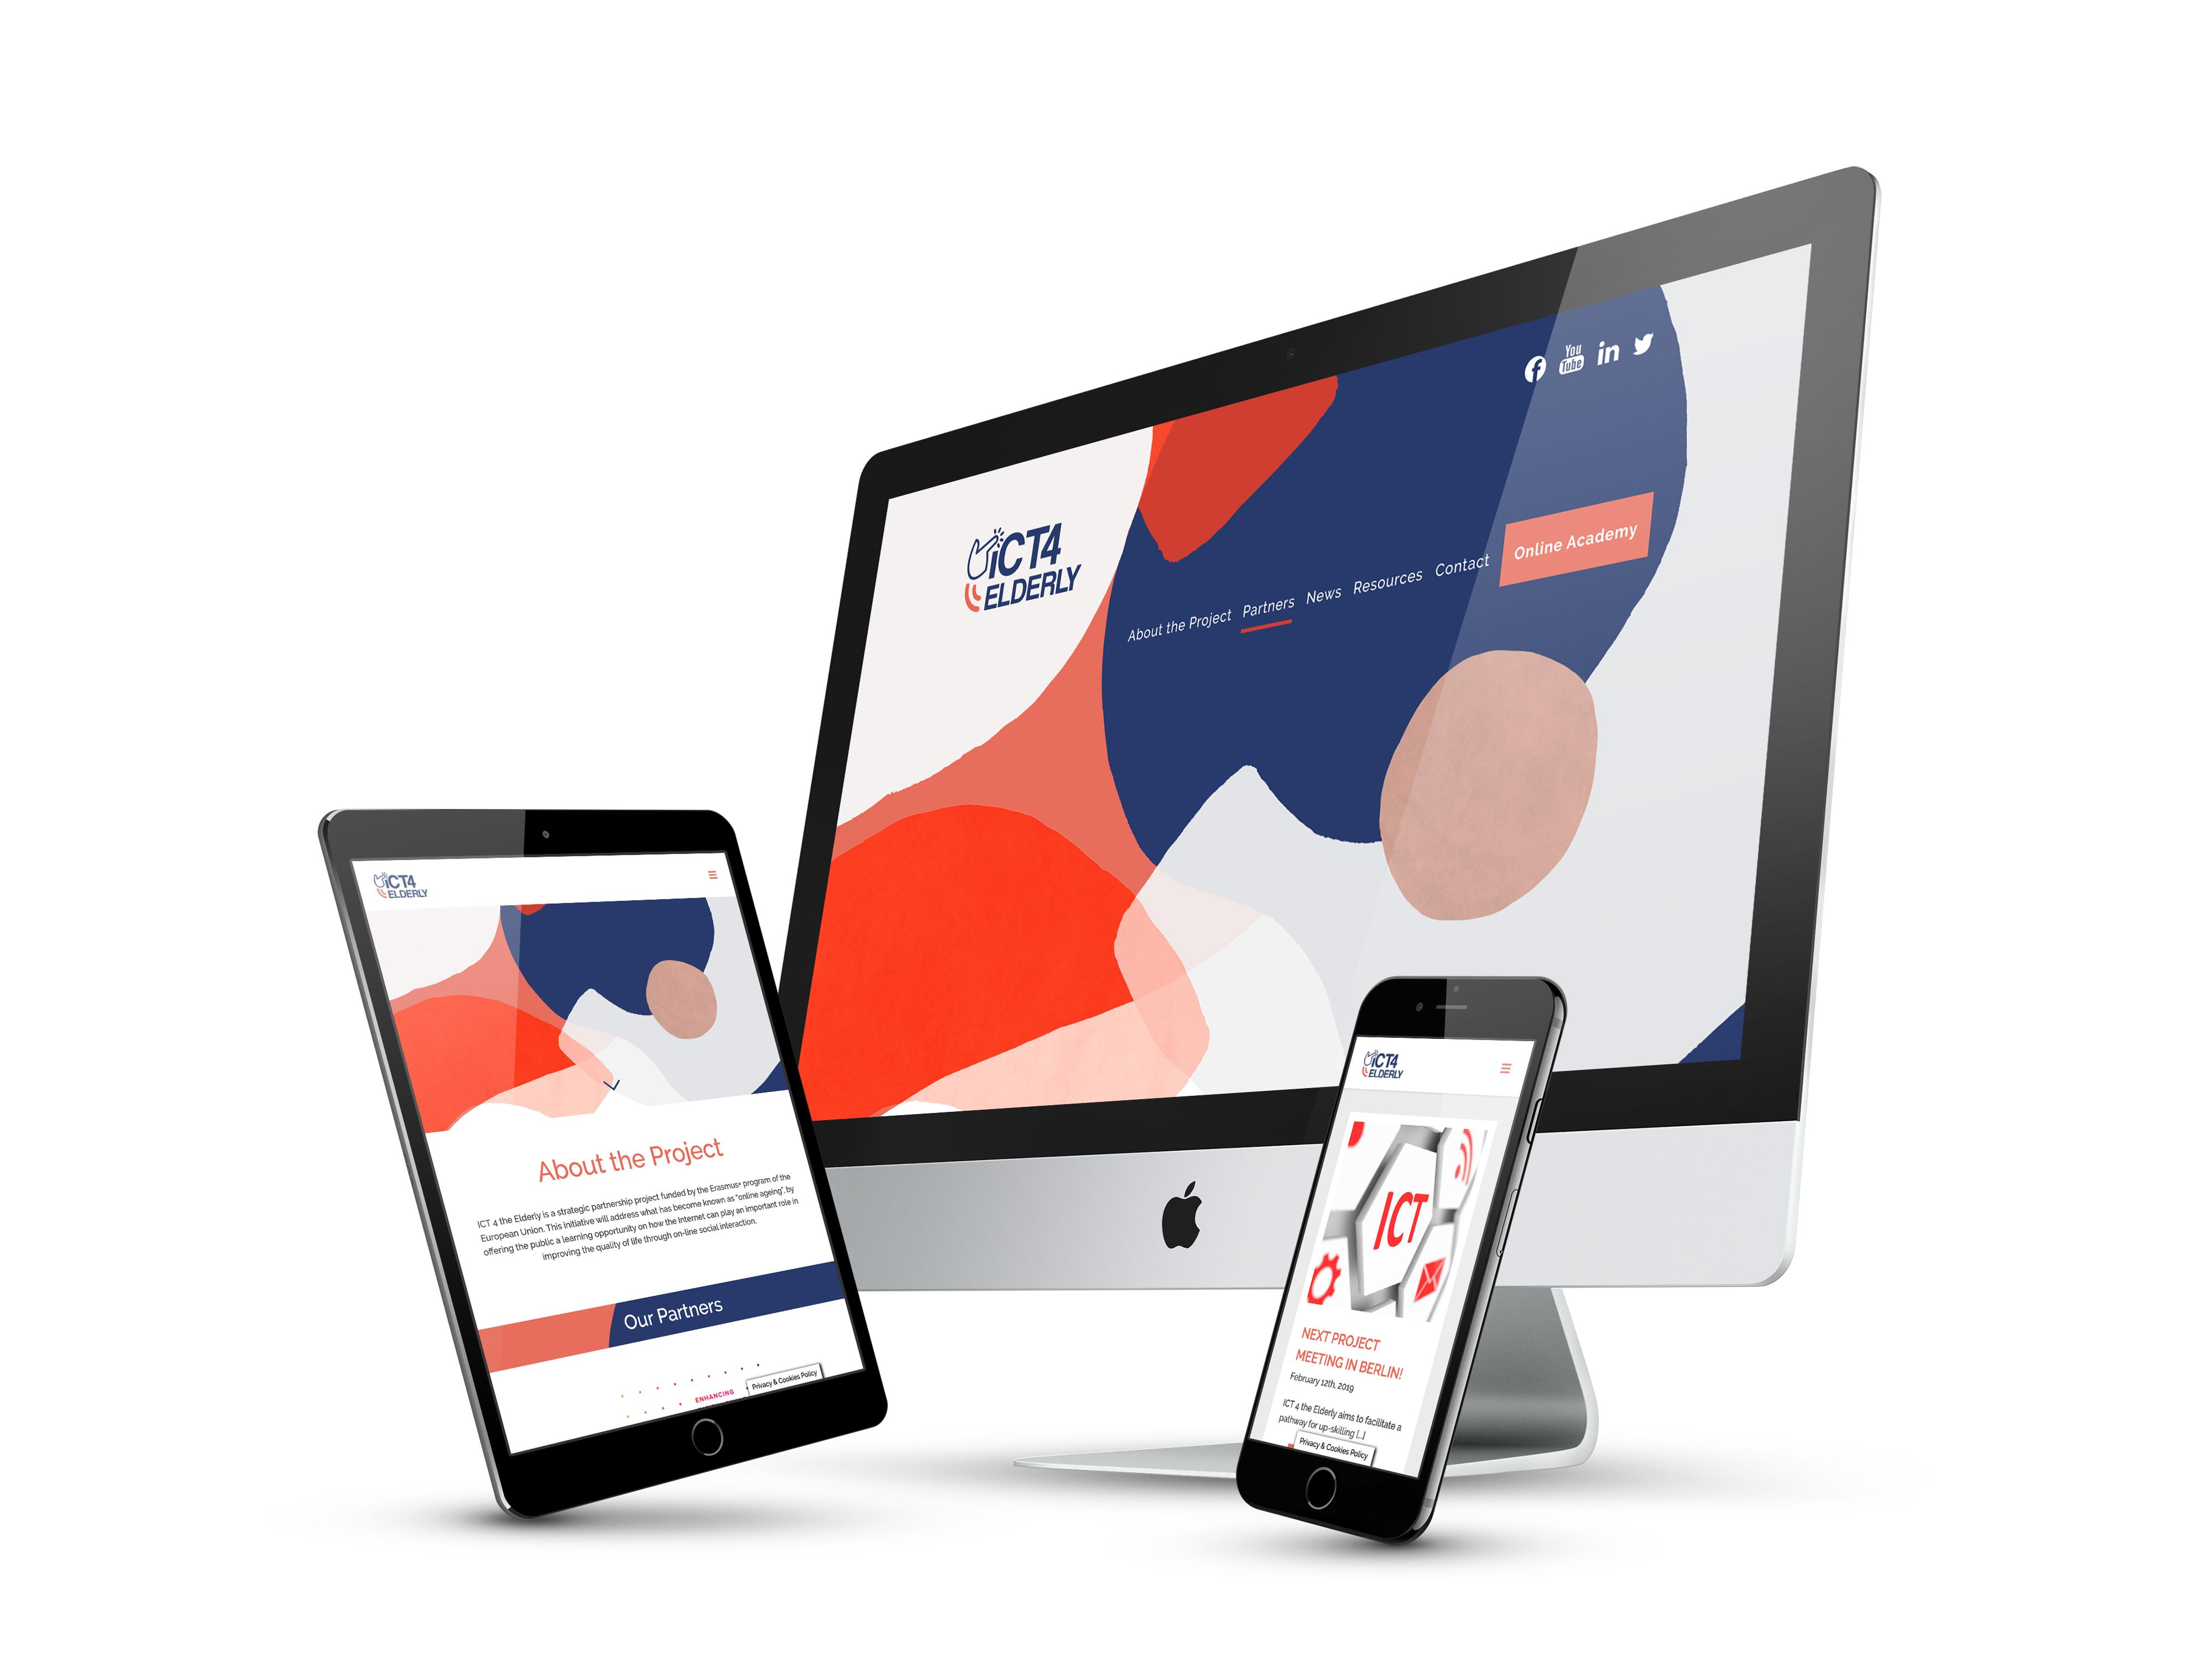 ICT4 Elderly website